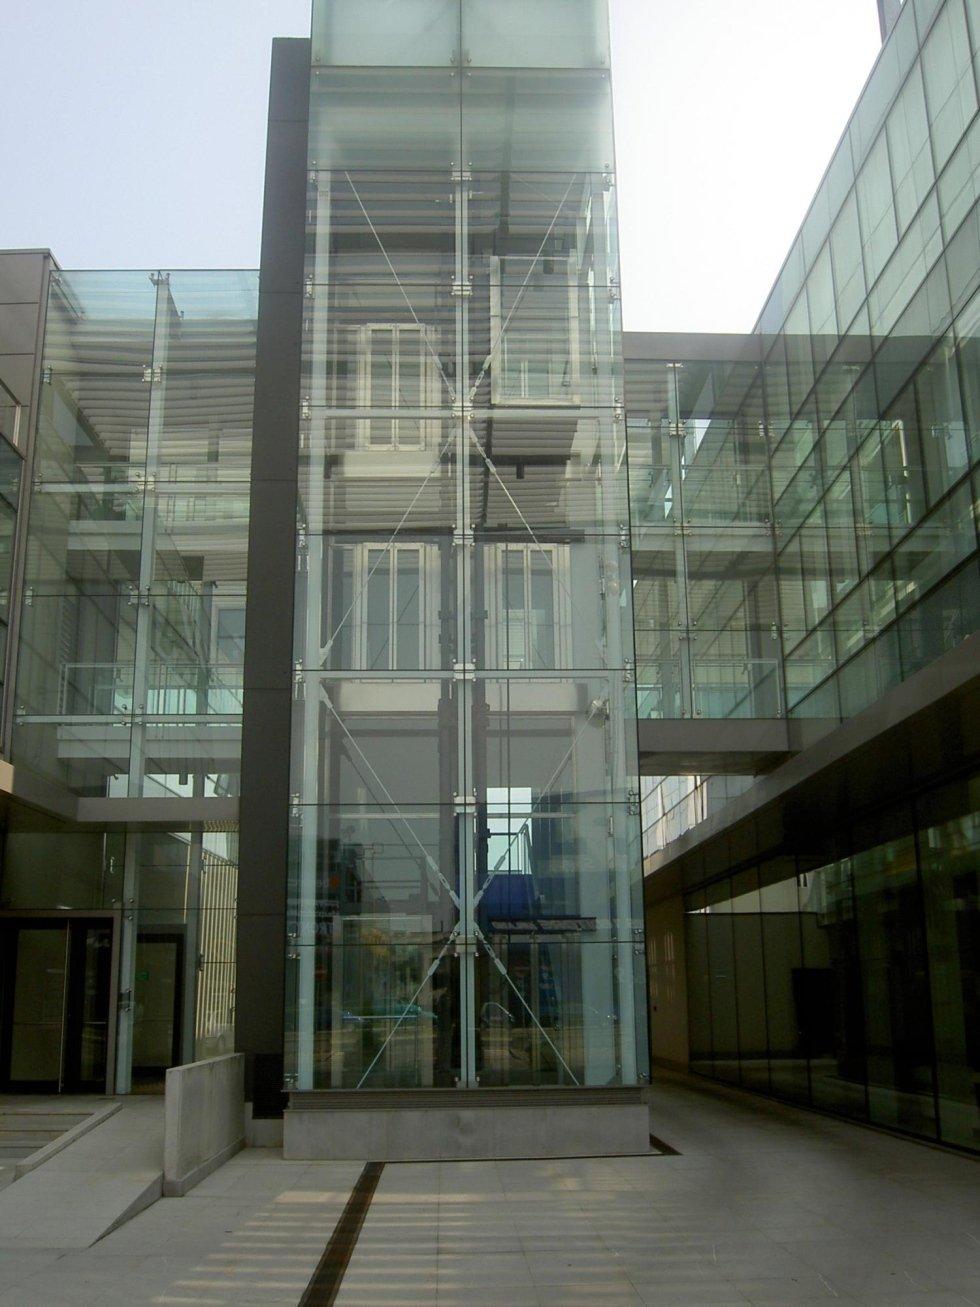 ascensore panoramico in un ufficio-vista esterna